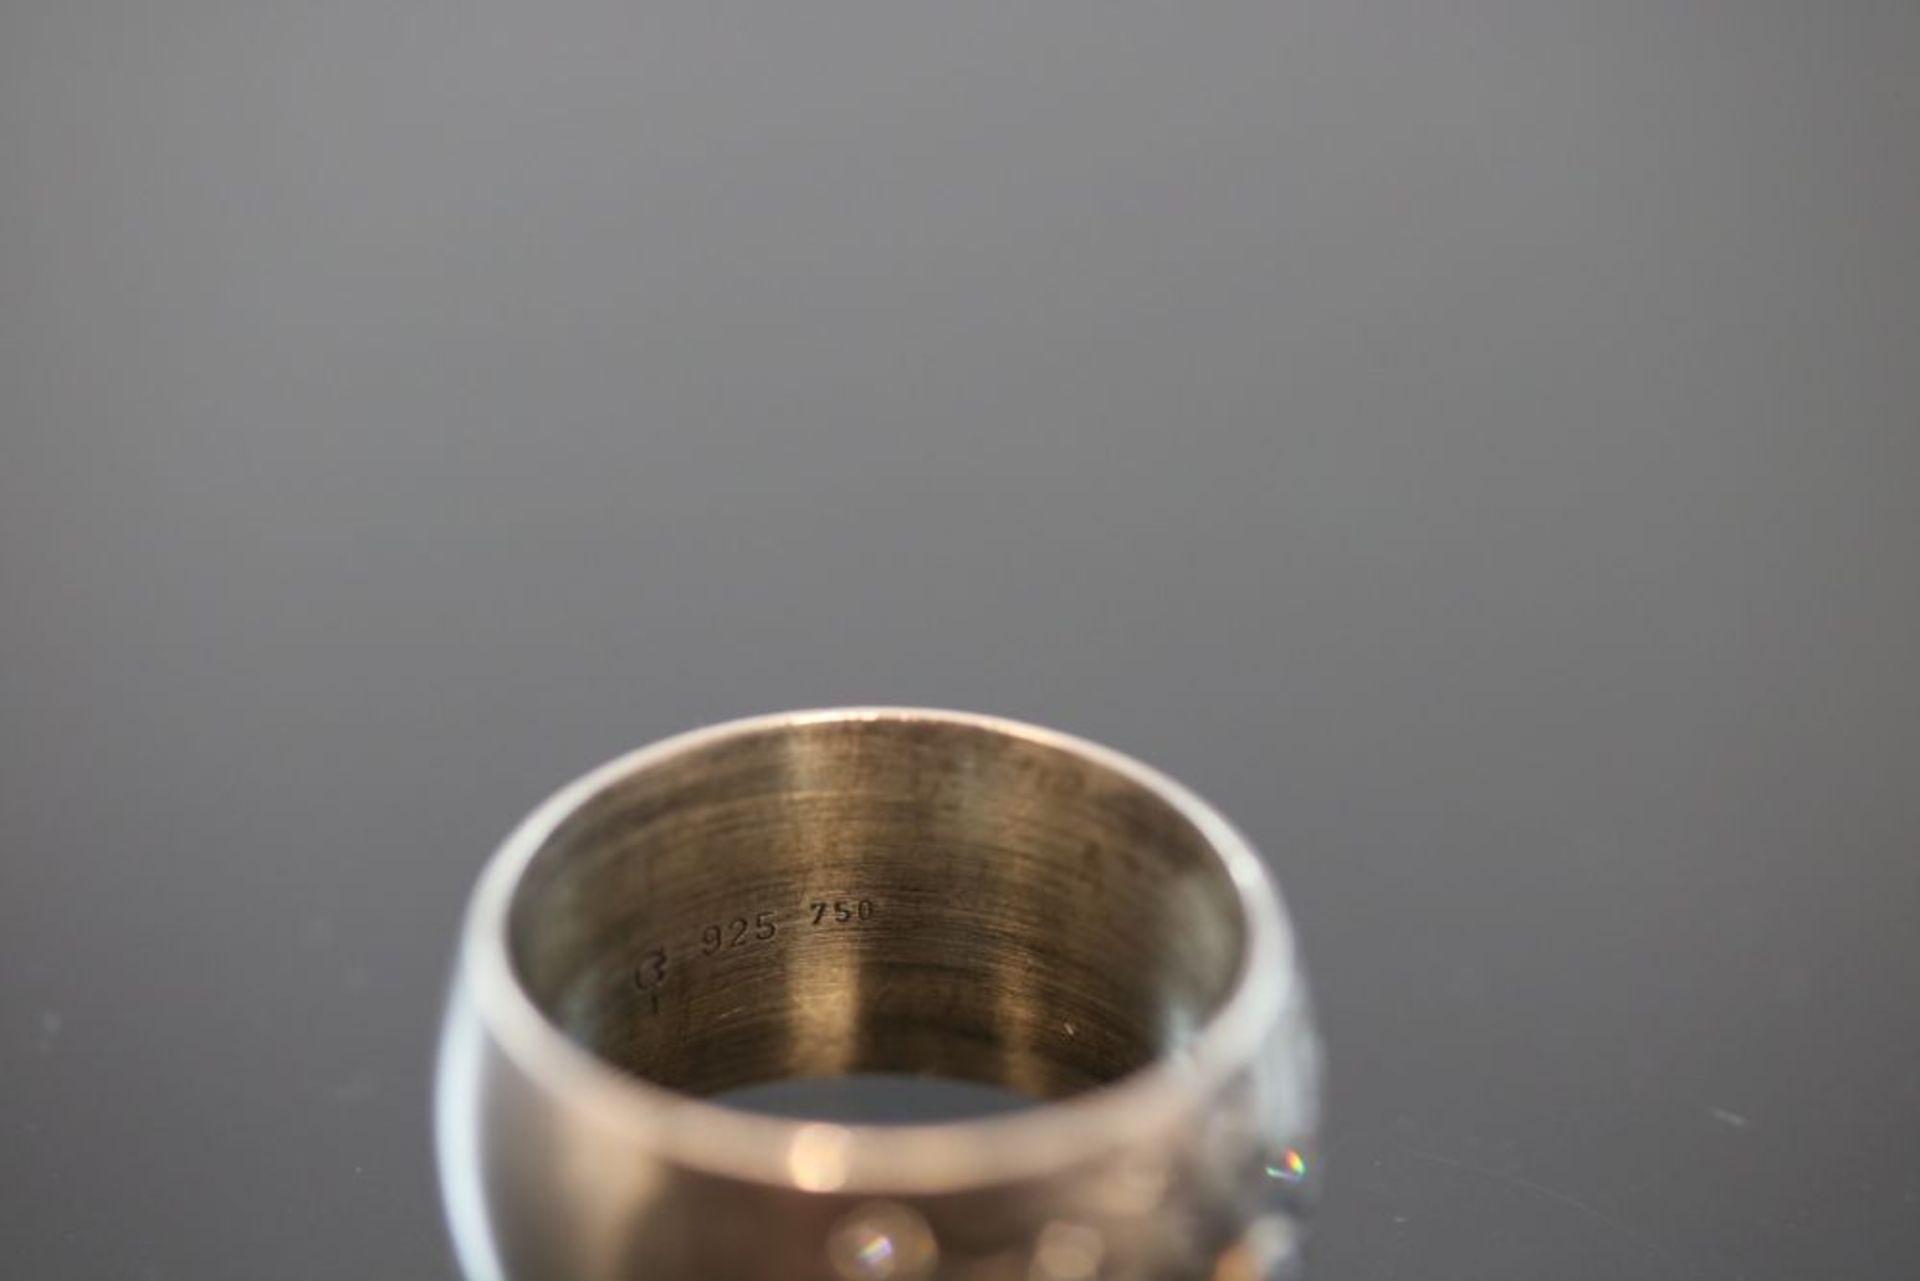 Brillant-Design-Ring, Silber/Gold - Bild 3 aus 3